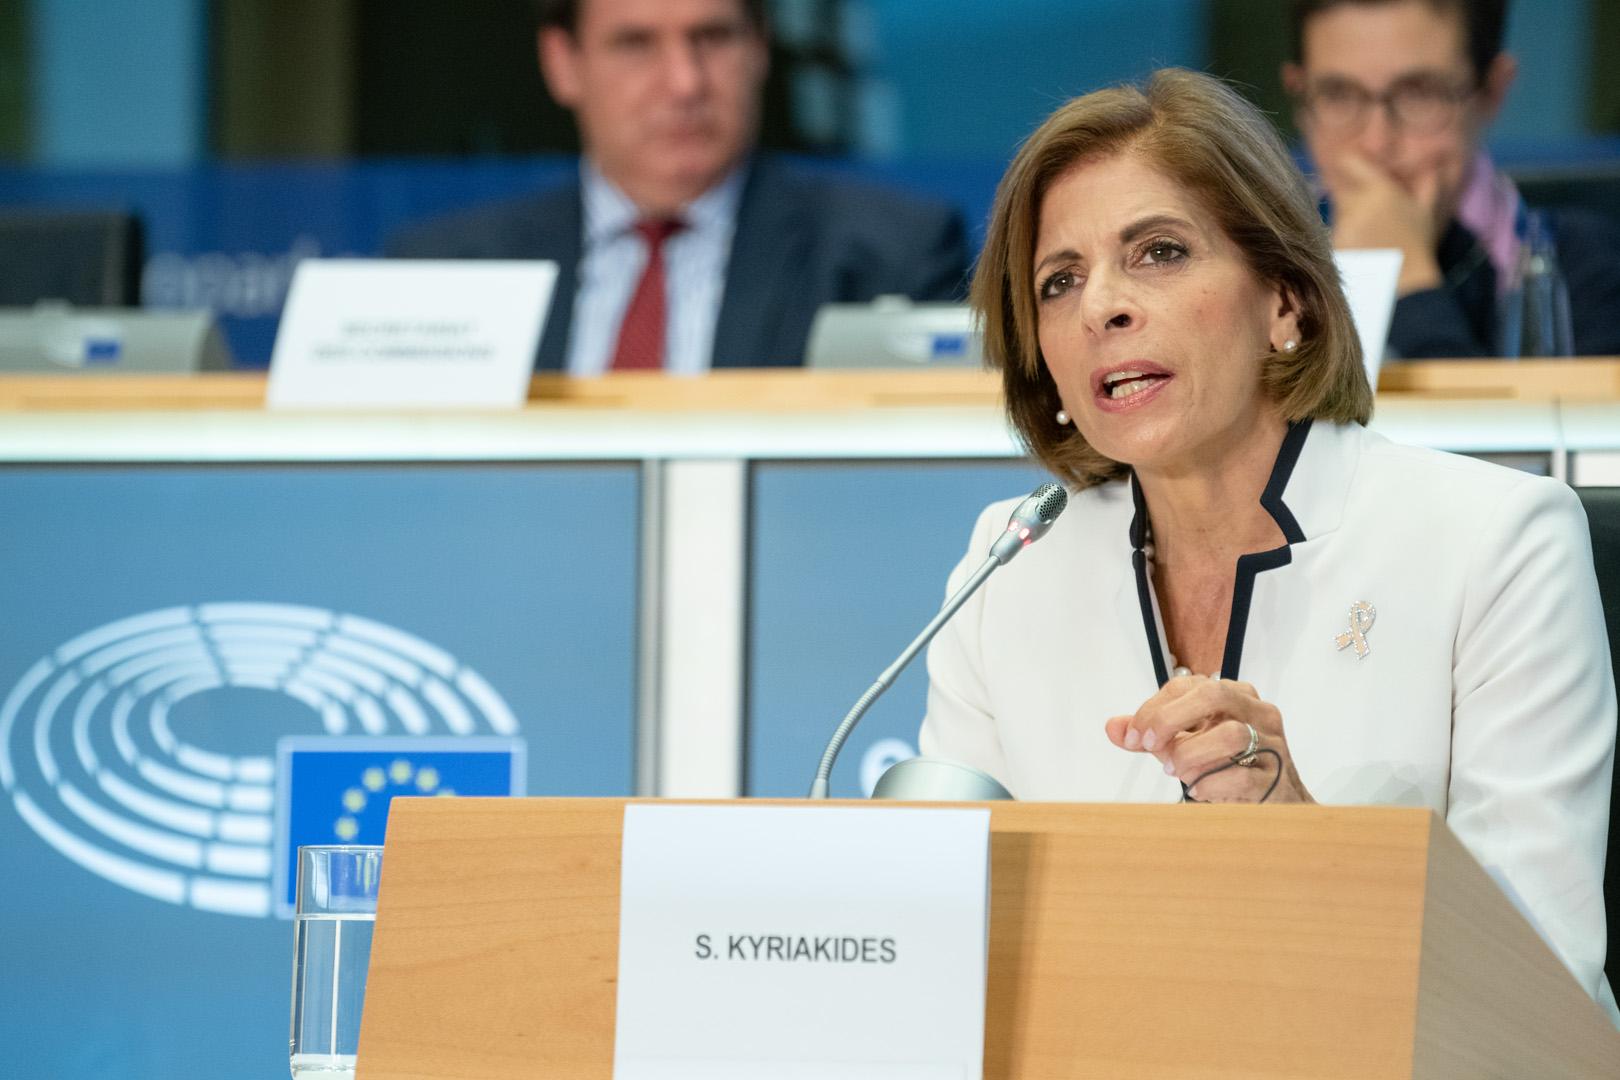 Coronavirus: Comisarul european pentru sănătate avertizează statele UE că timpul presează şi se impun măsuri pentru a evita izolarea